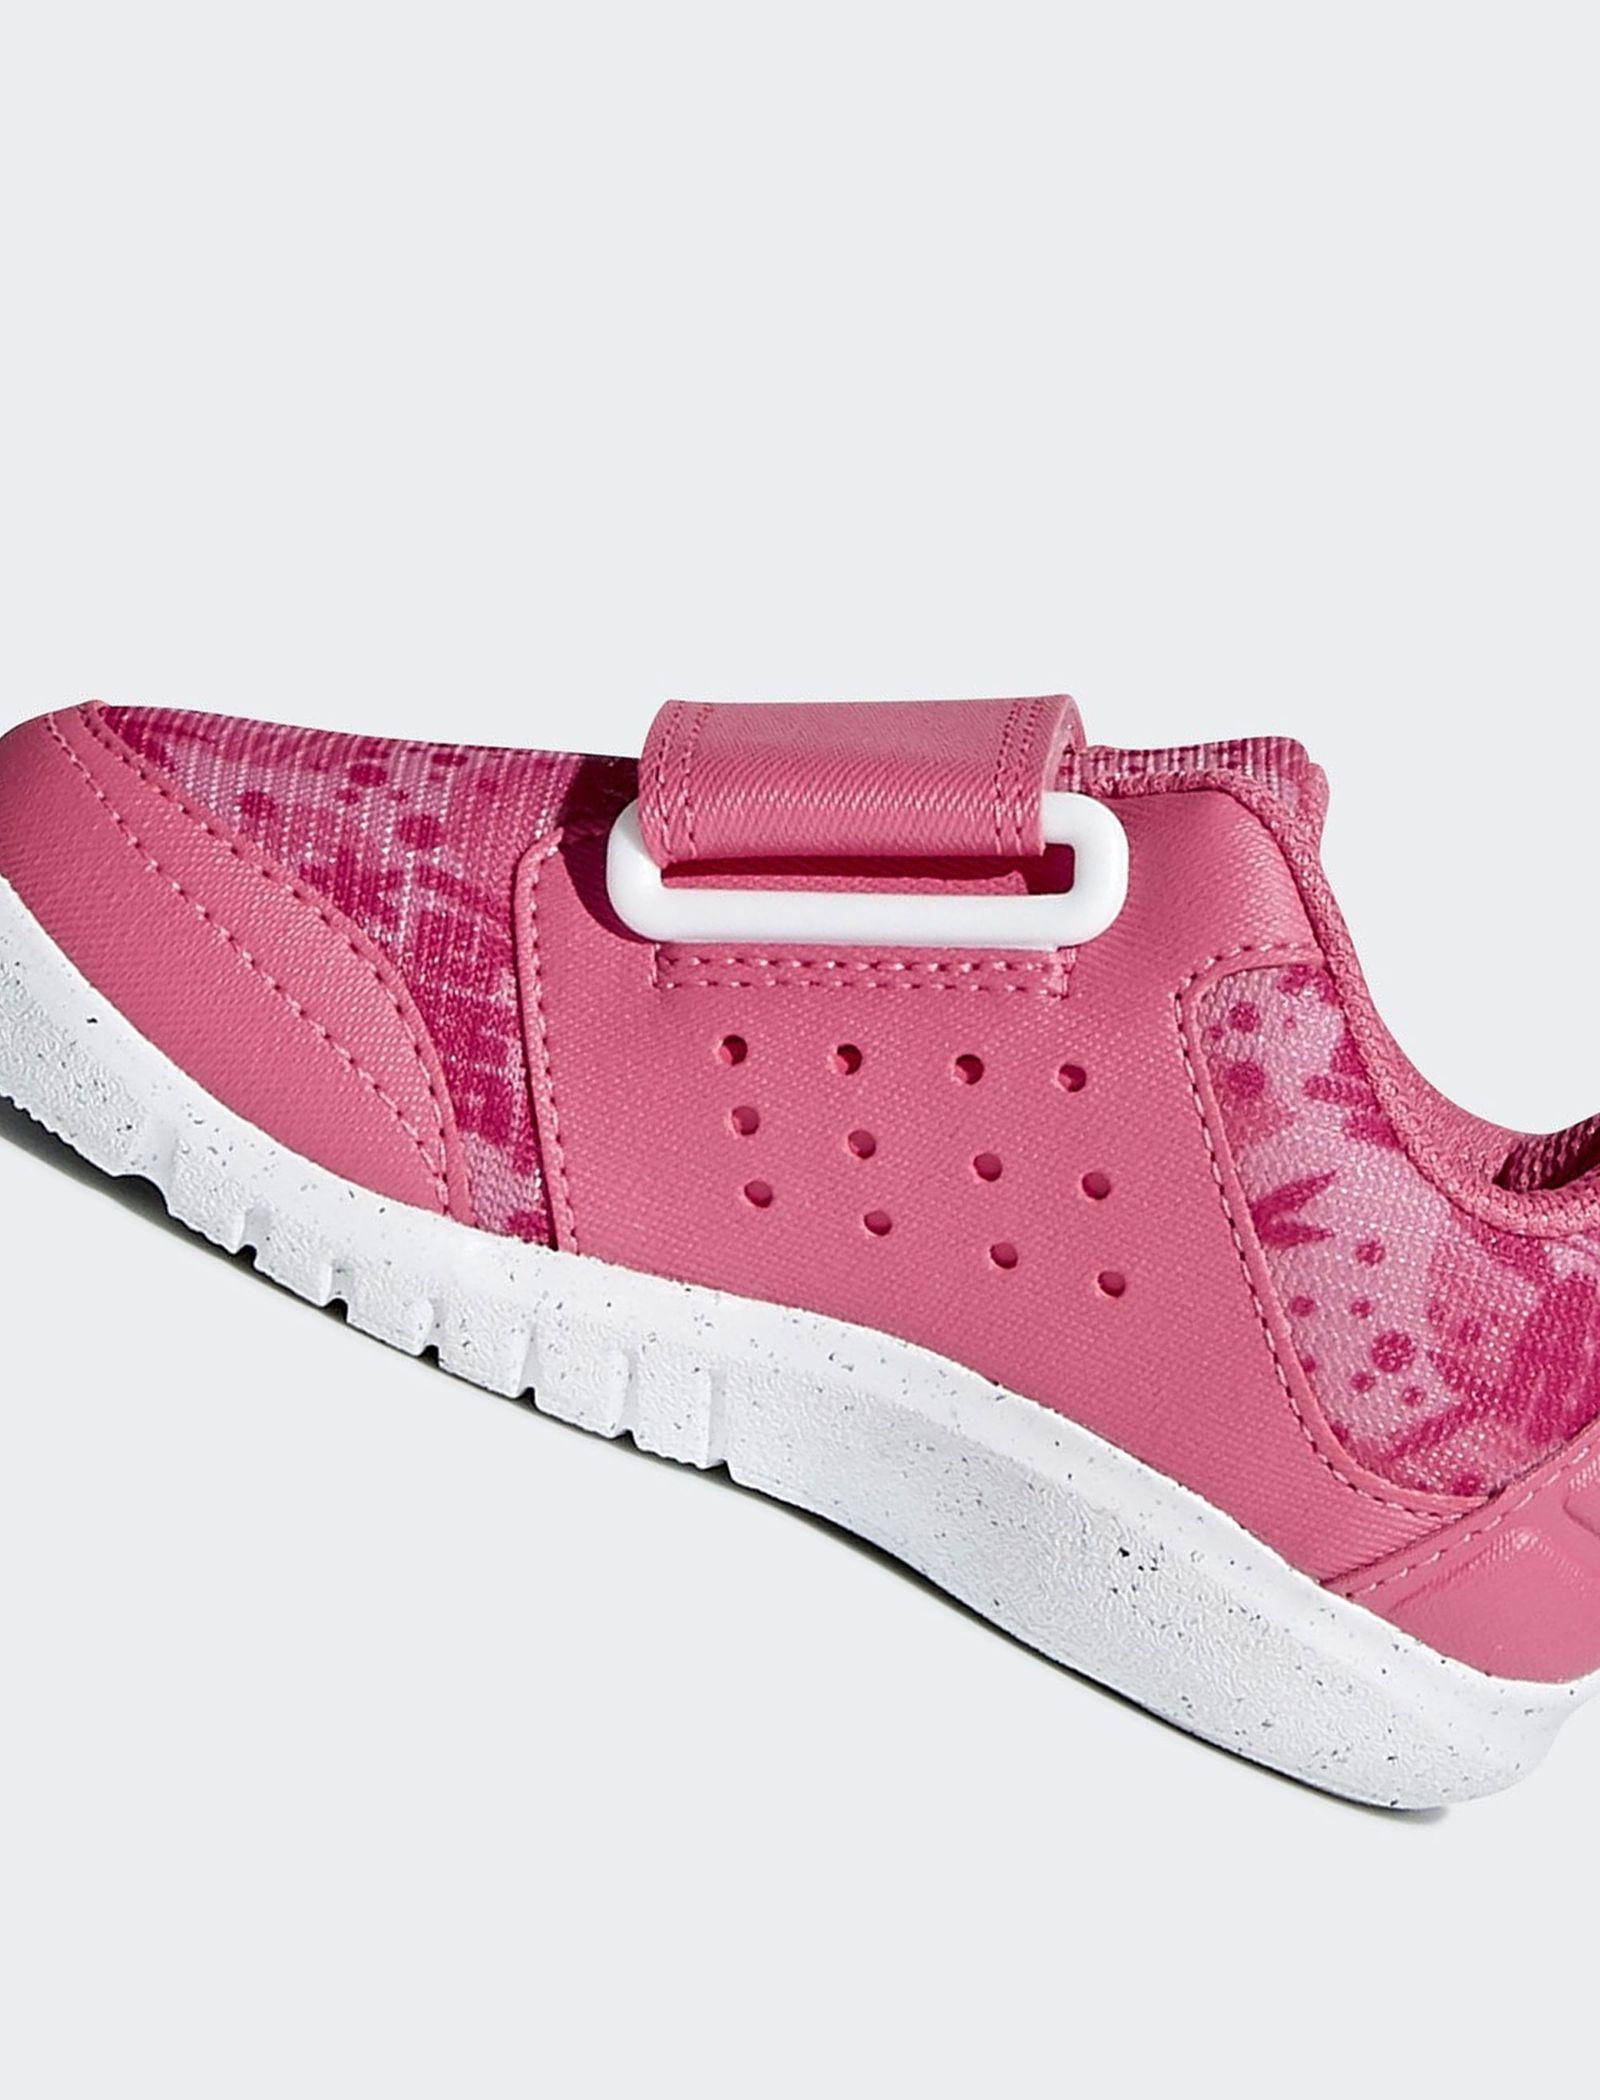 کفش تمرین چسبی دخترانه FortaPlay - آدیداس - صورتی - 6